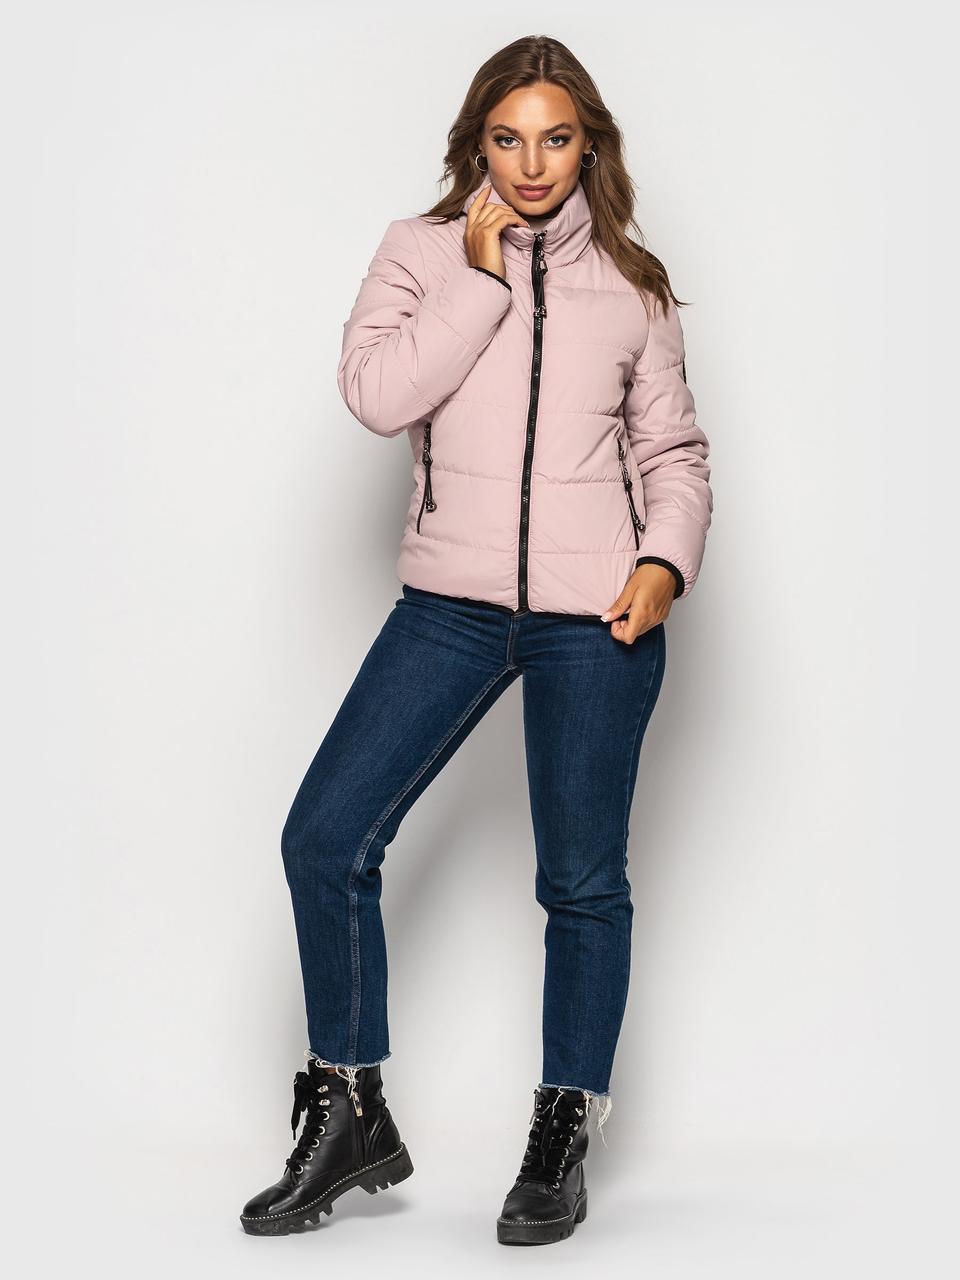 Демисезонная куртка Ирина  розовый(42-52)